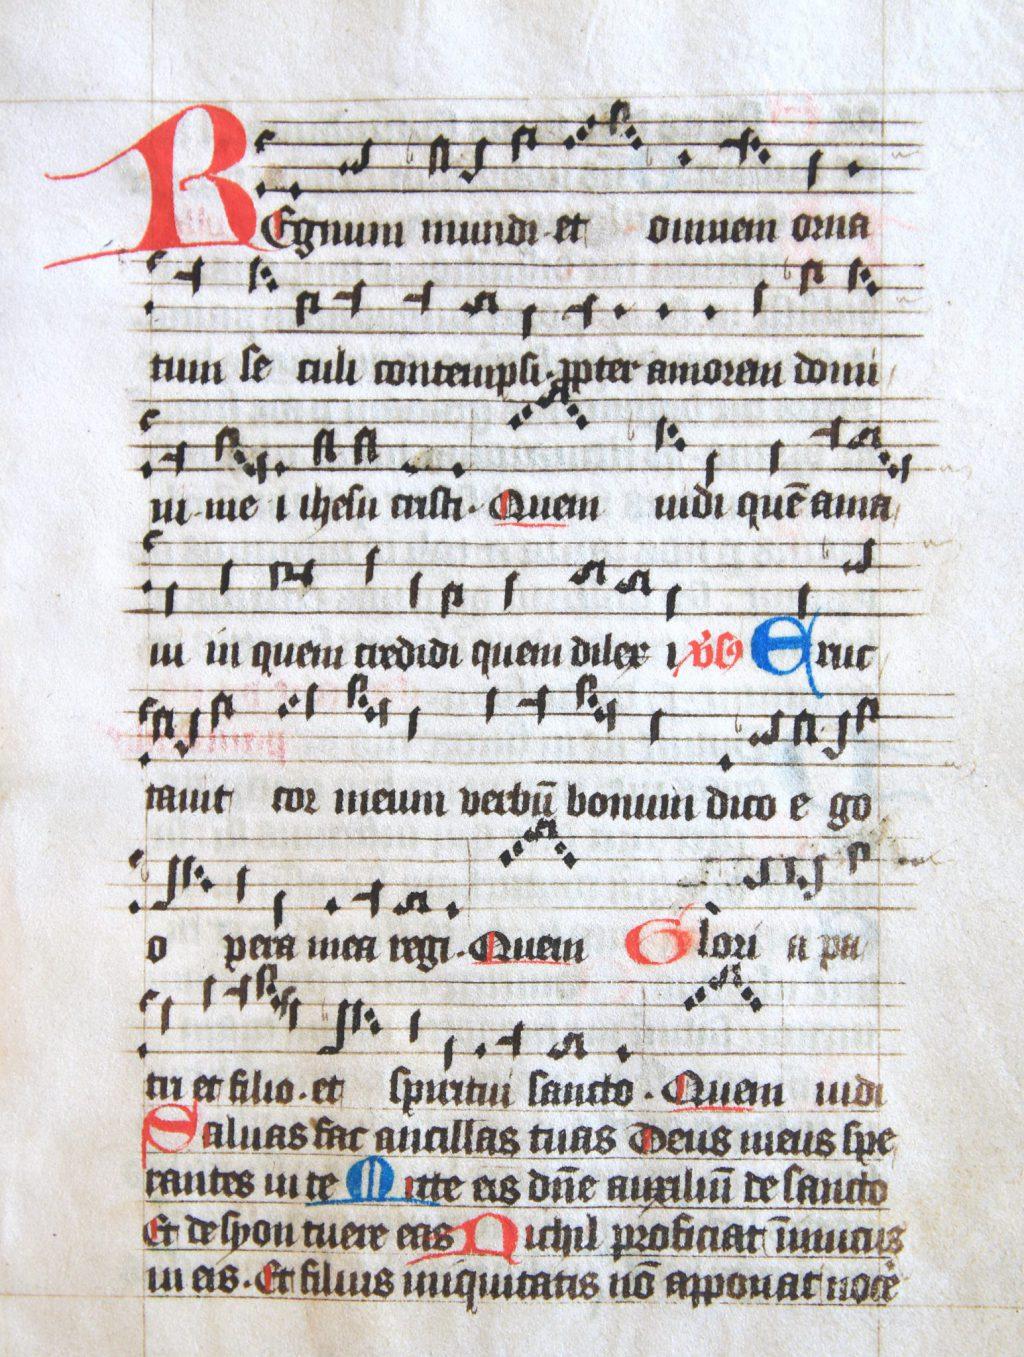 Het lied Regnum mundi in een handschrift uit het Sint-Agathaklooster, vijftiende eeuw (Archief 598, inv.nr 574)